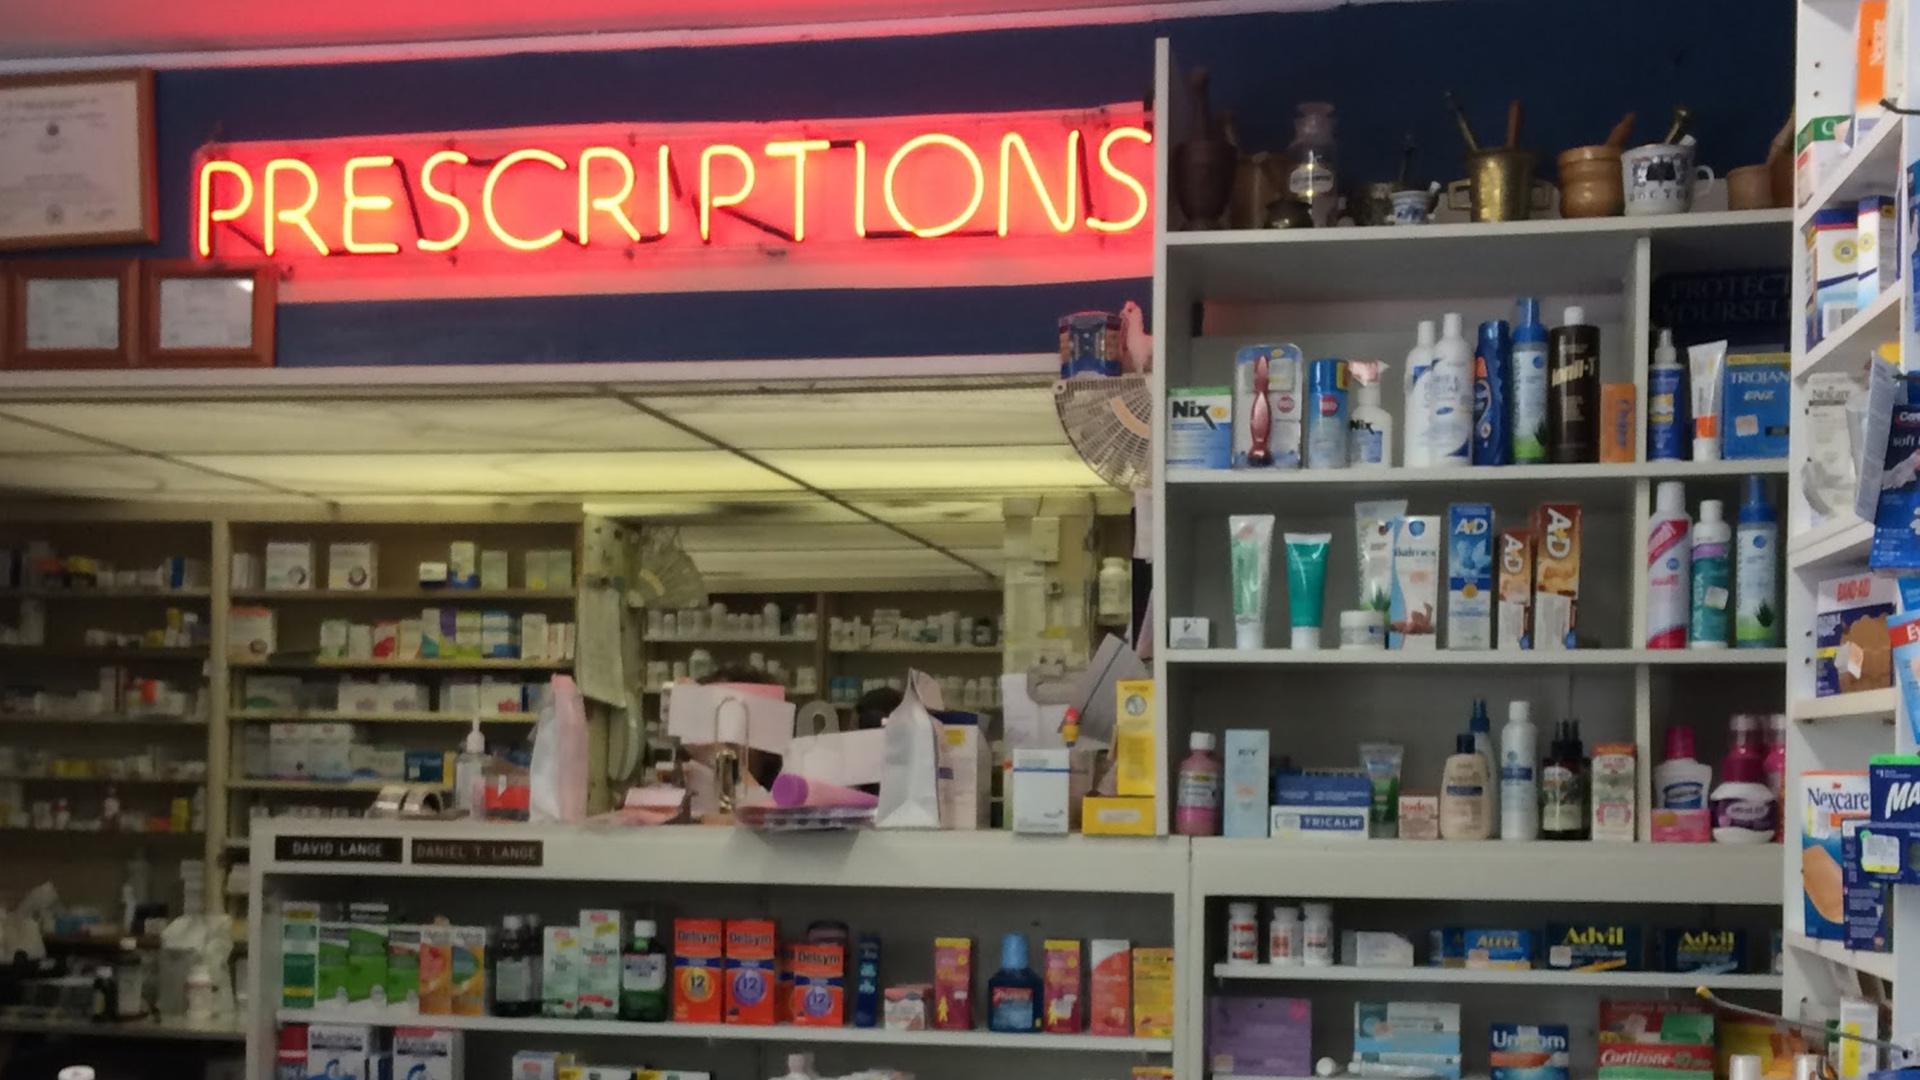 Les avantages du click and collect pour les pharmacies